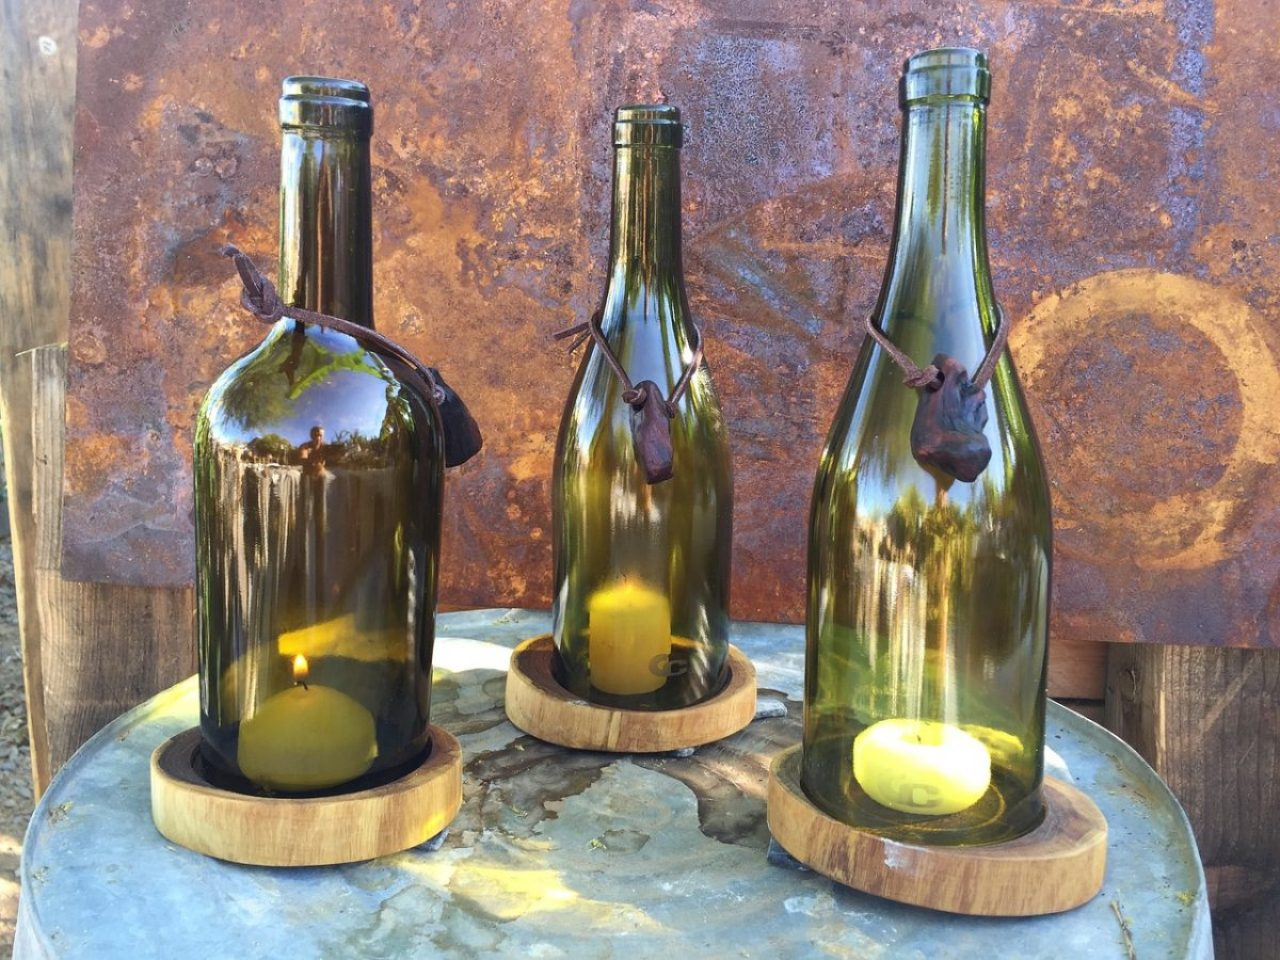 wine-bottle-1615854_1280.jpg